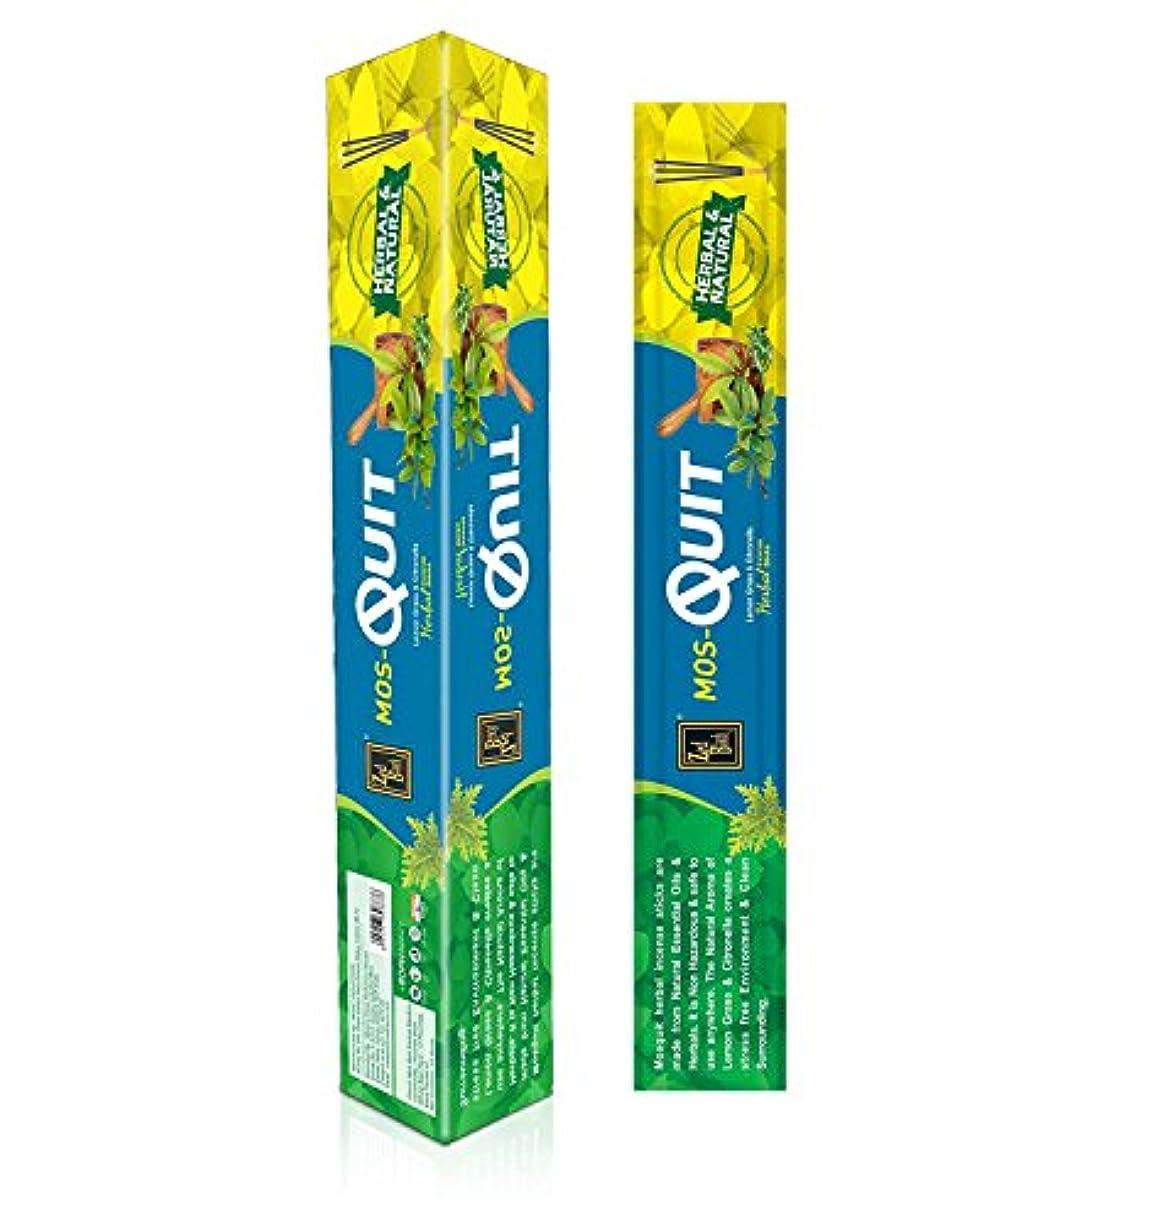 とてもチキン興奮Mosquit Incense Sticks – 120ハーブスティック – Mosquito Repellent自然な香りSticks – 効果的な& worthy-madeから天然エッセンシャルオイル、ハーブ製品 –...